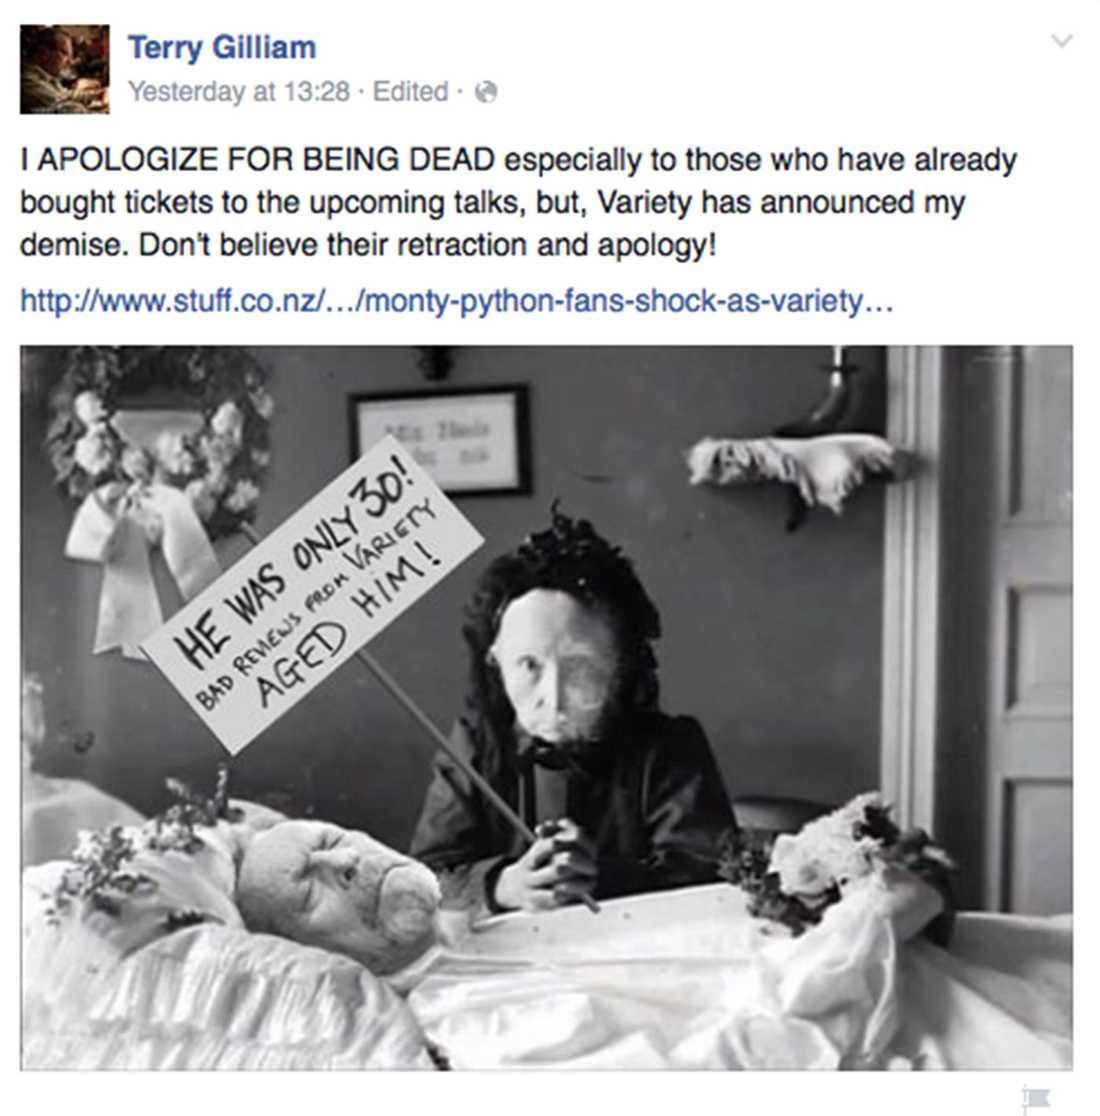 Terry Gilliams inlägg på Facebook.